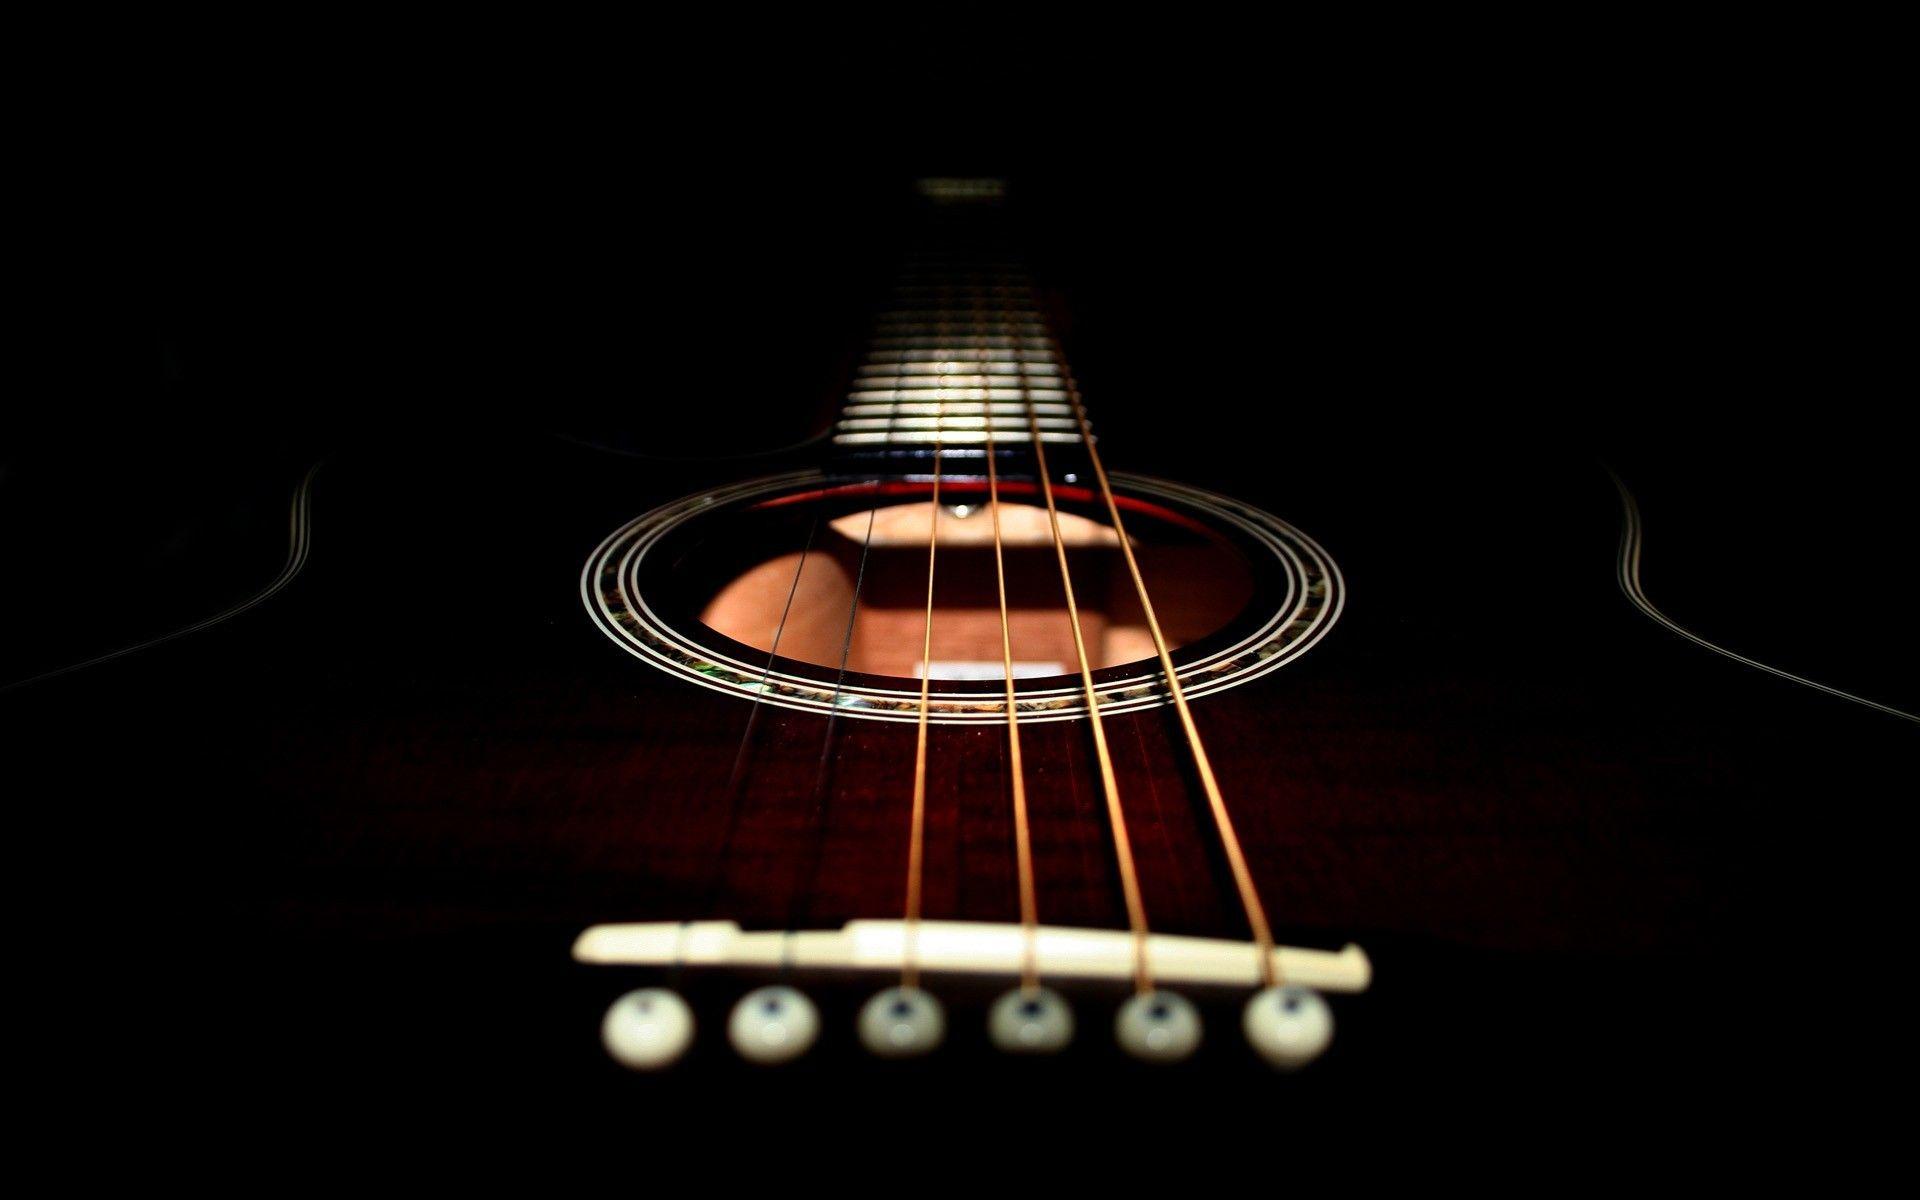 Acoustic Guitar Wallpapers Music Wallpaper Guitar Images Guitar